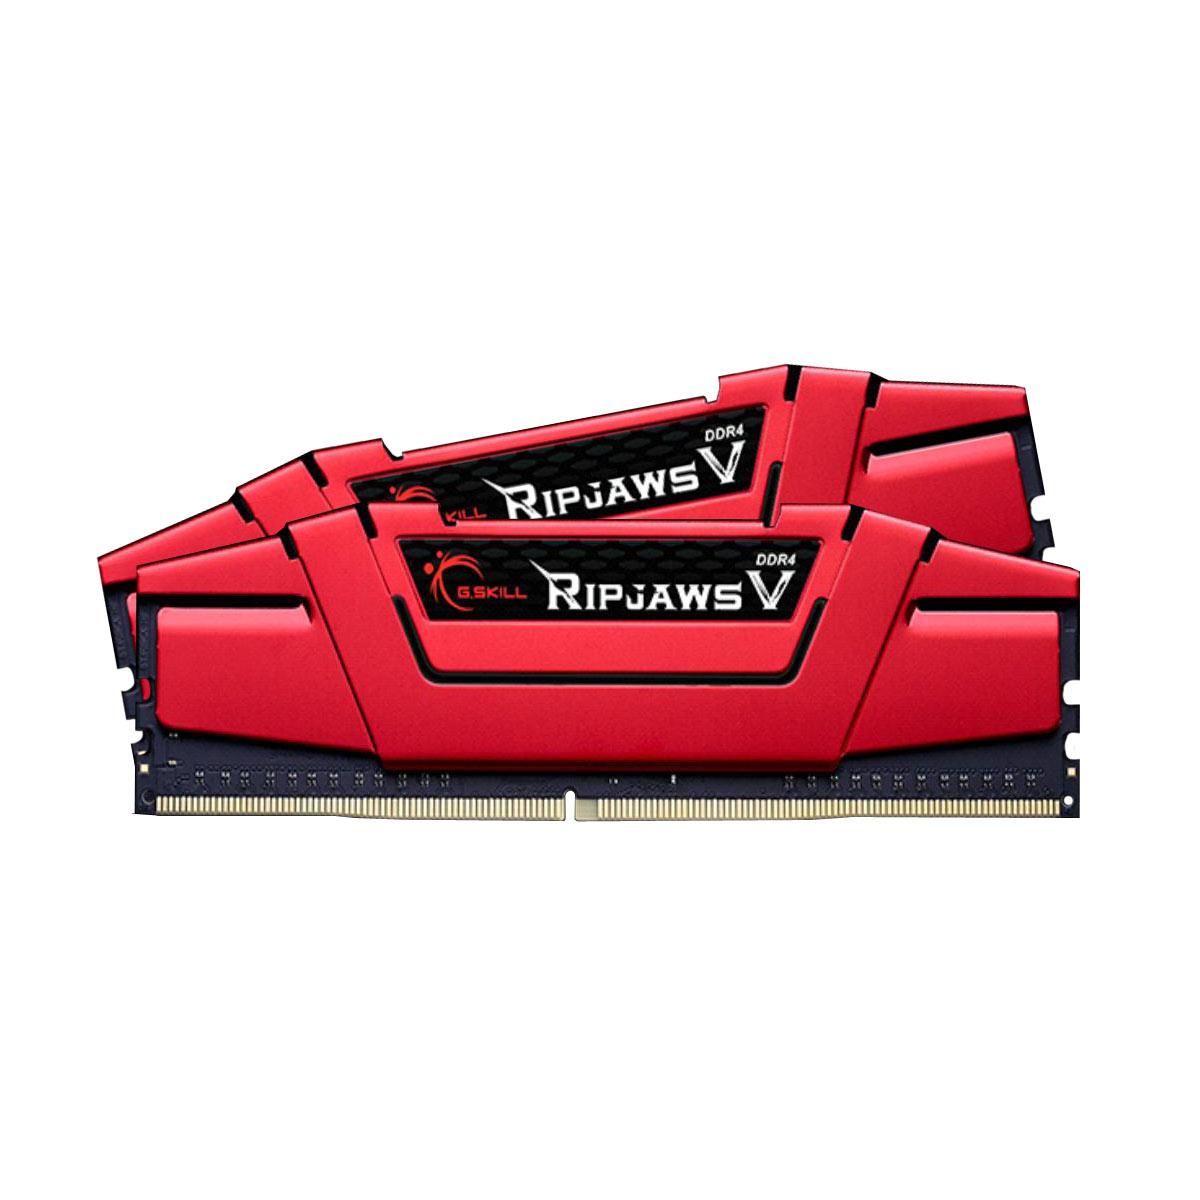 Mémoire PC G.Skill RipJaws 5 Series Rouge 8 Go (2x 4 Go) DDR4 2400 MHz CL15 Kit Dual Channel 2 barrettes de RAM DDR4 PC4-19200 - F4-2400C15D-8GVR